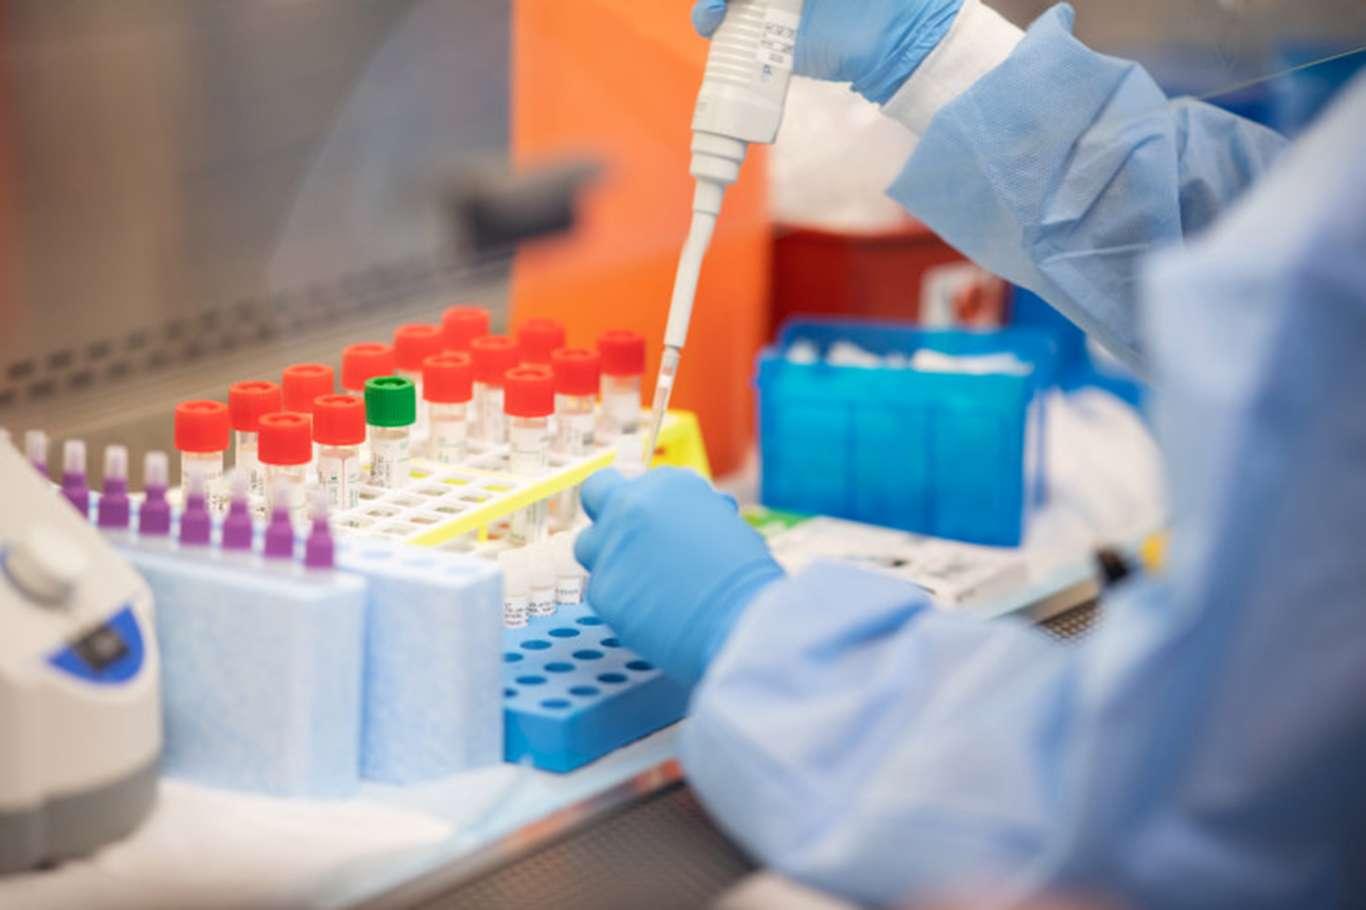 Türkiyede Covid-19 hastalığından şifa bulan kişi sayısı 300 bini aştı